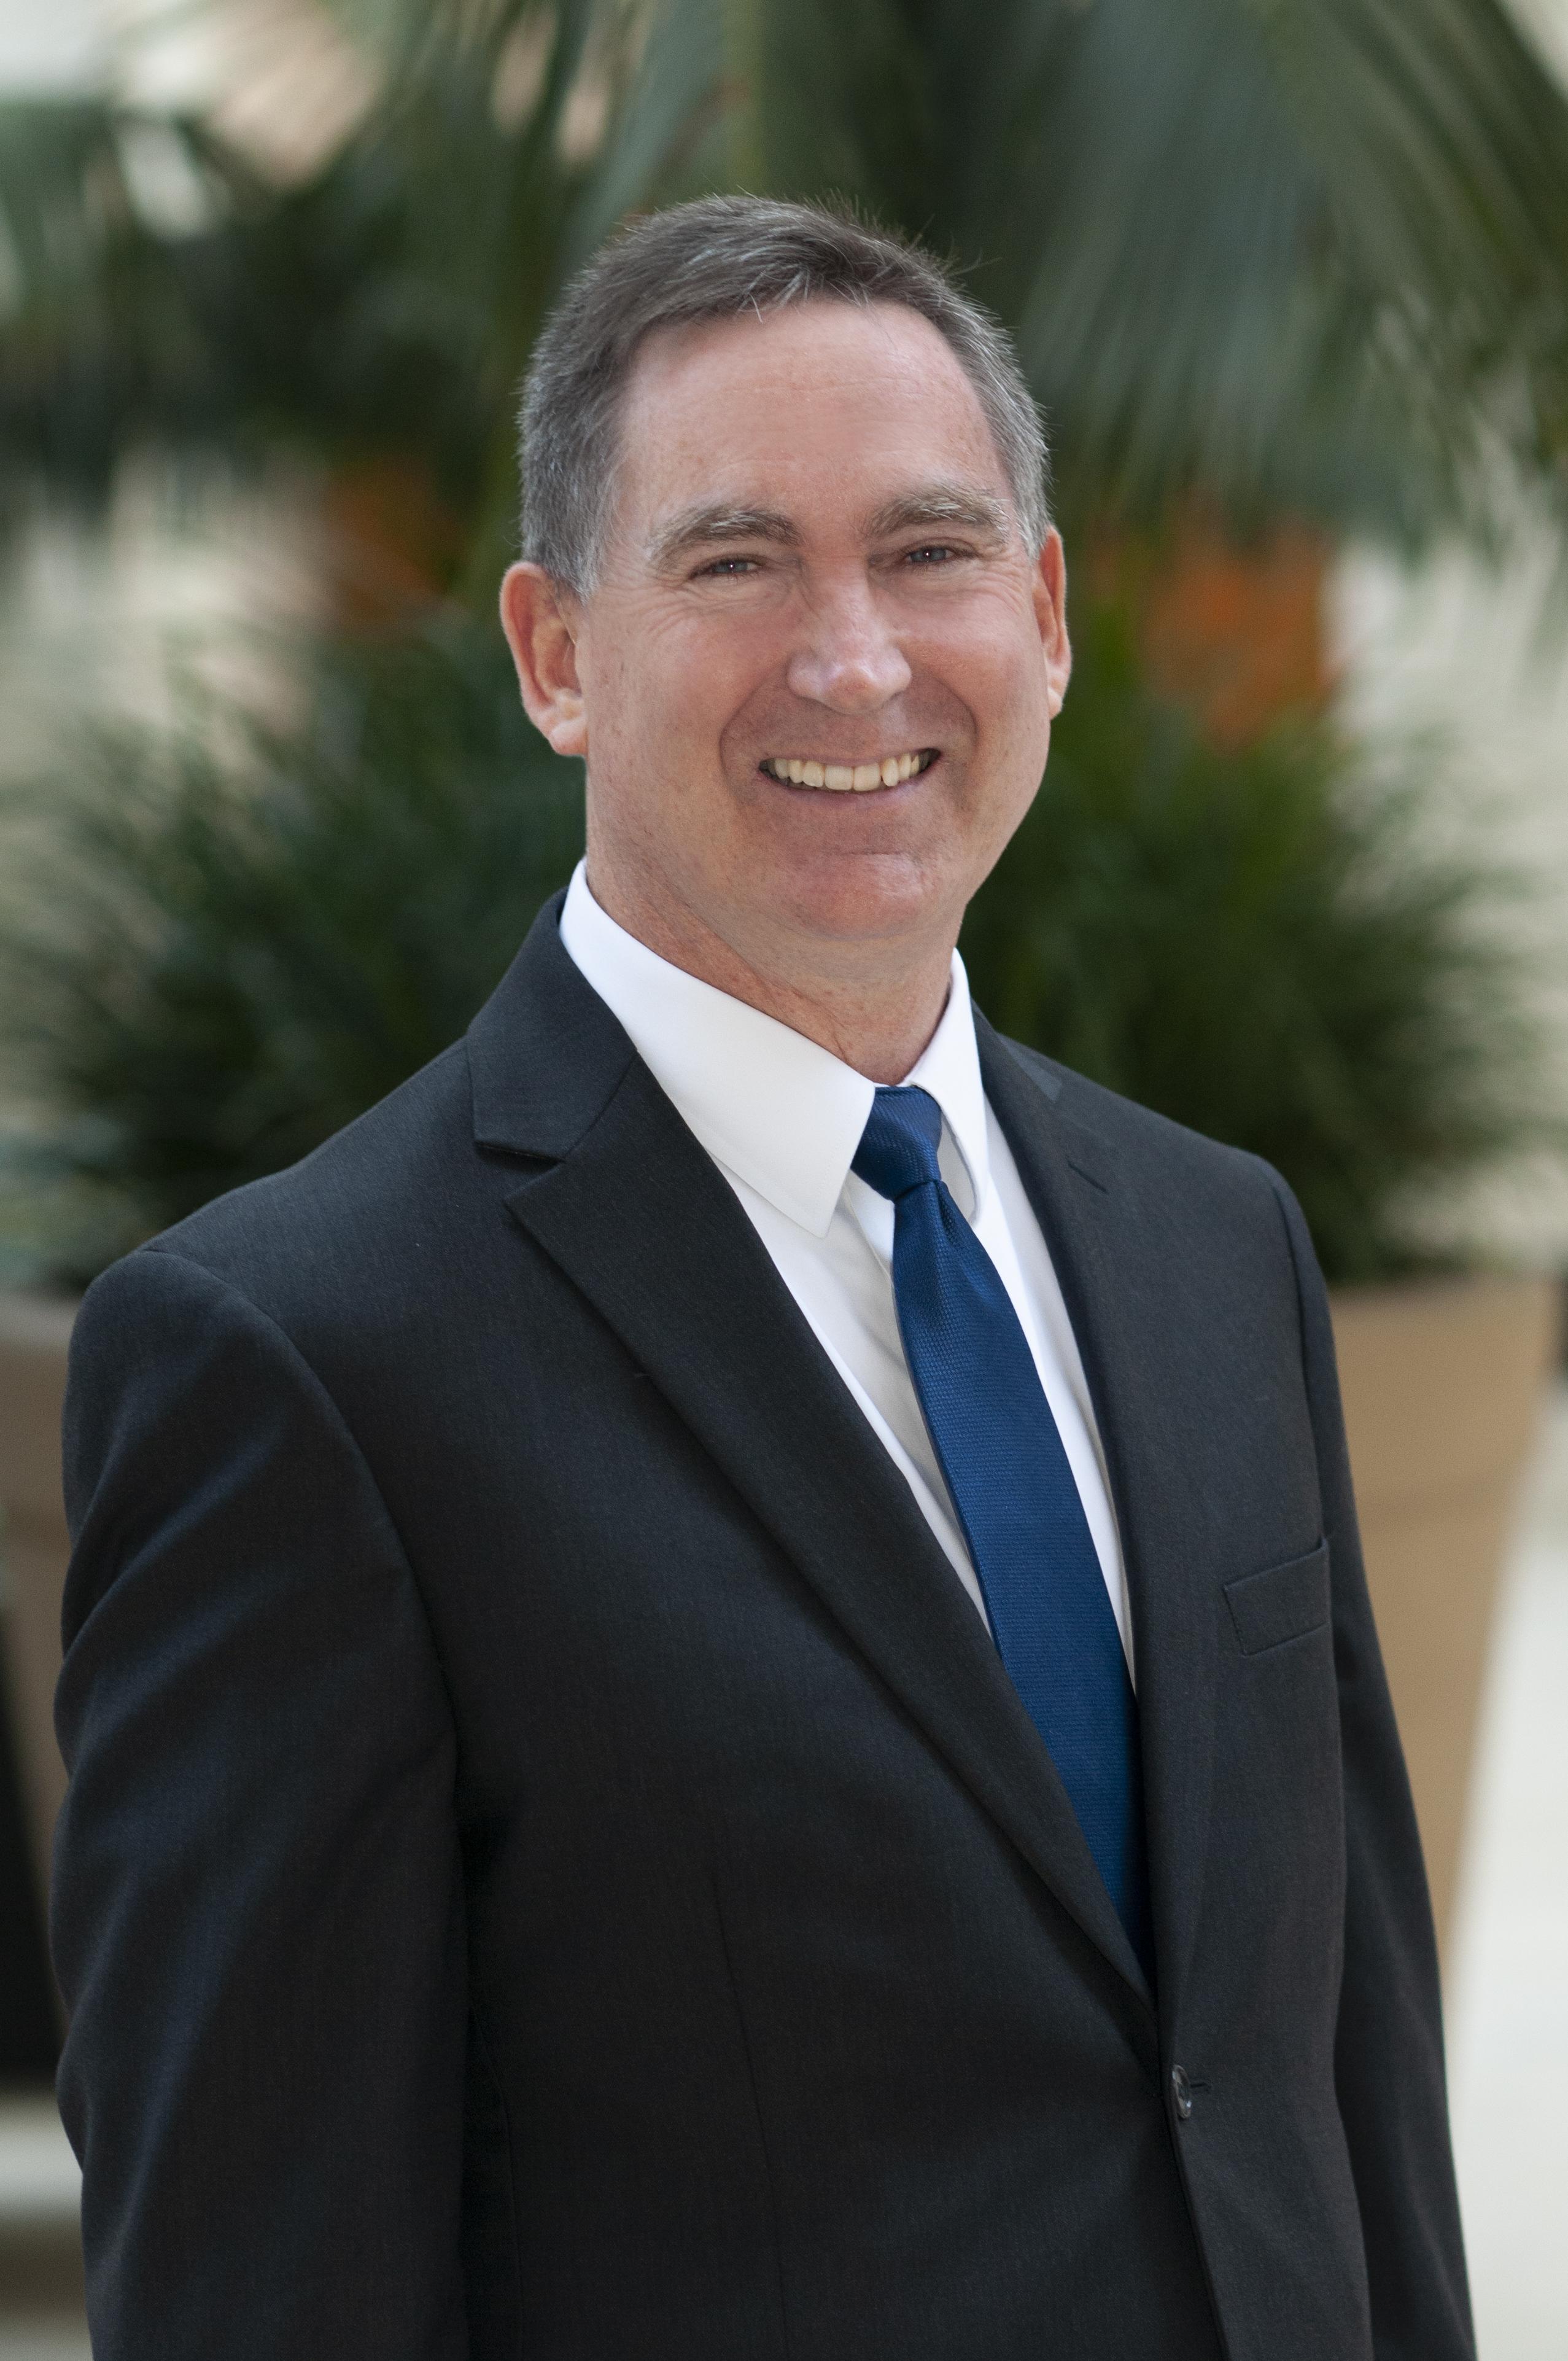 Steven Eldred